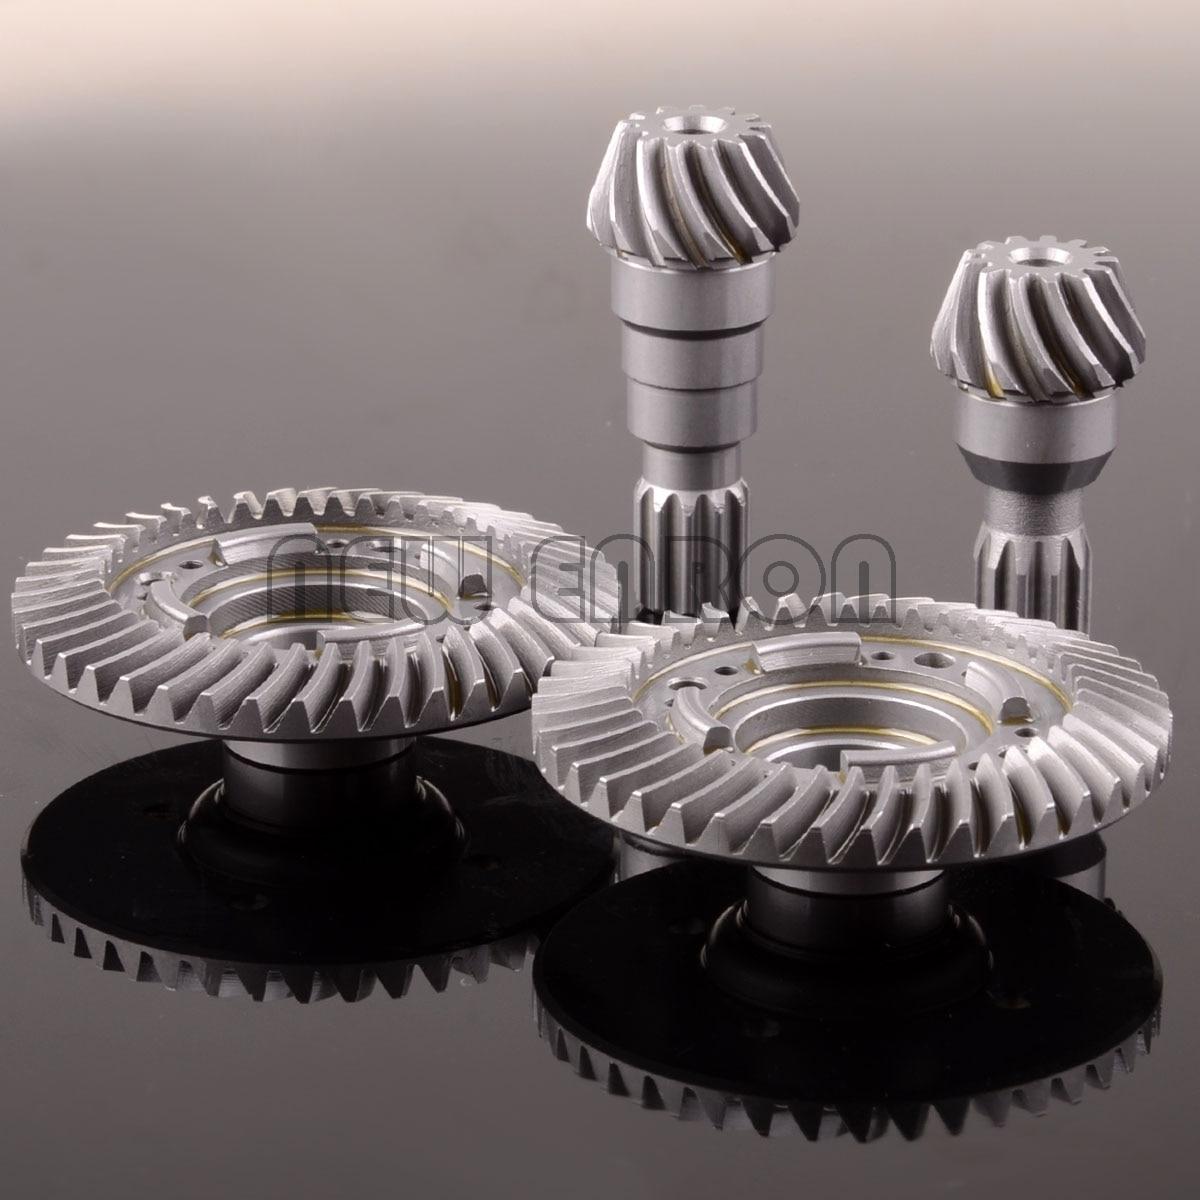 Nouvelle bague différentielle/pignon ENRON avant ou arrière en acier dur TXM777 (7-8) XF-OC pour voiture Traxxas x-maxx 1/5 RC